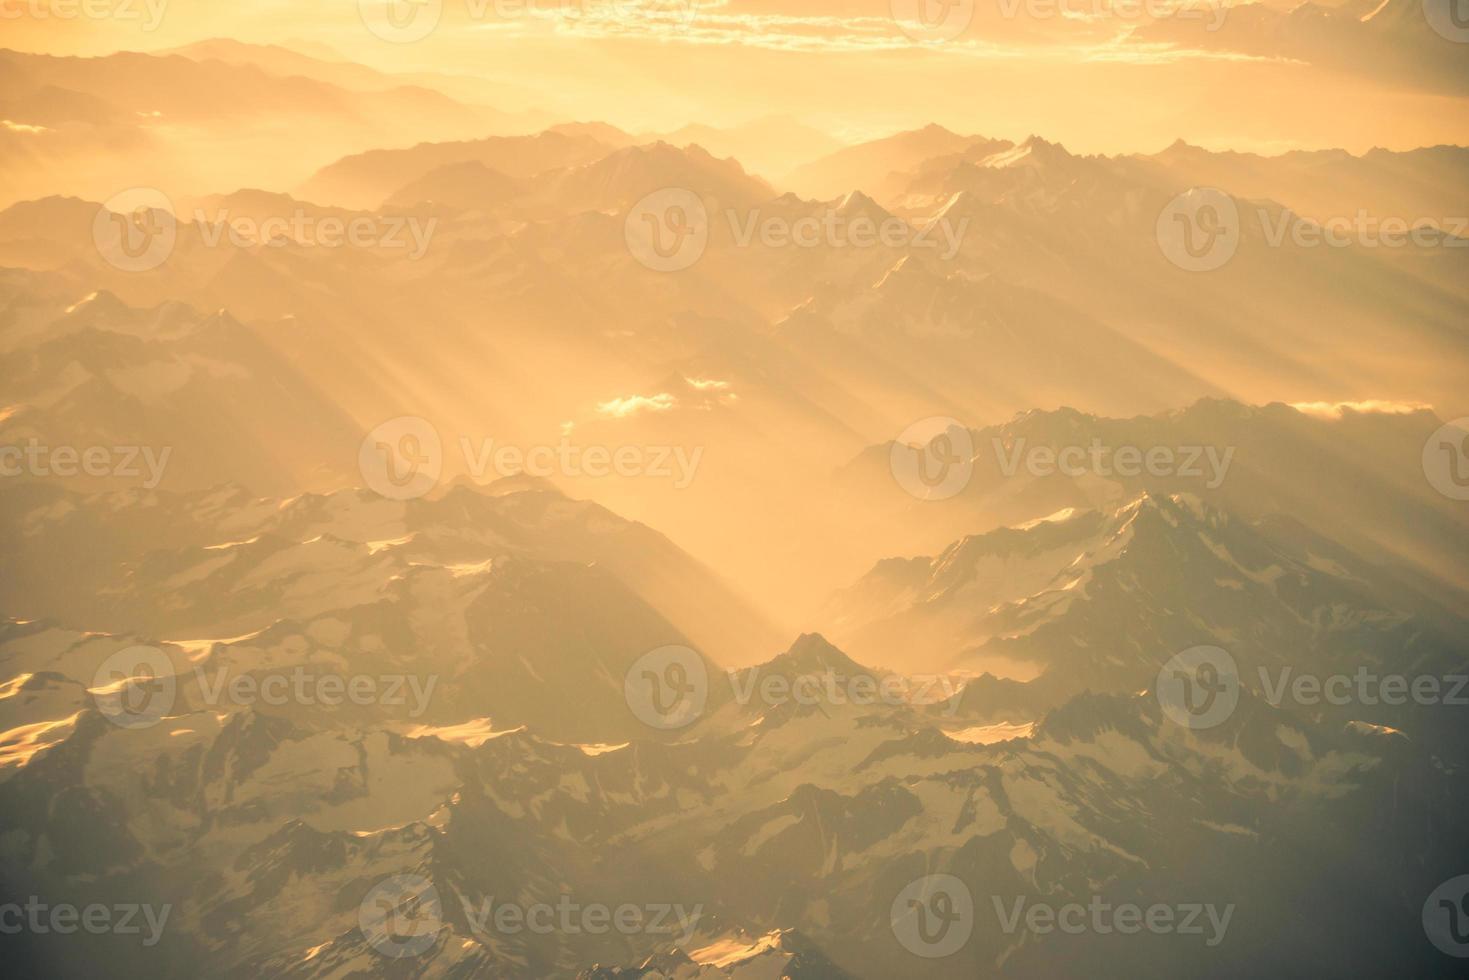 vista aérea do panorama das montanhas do himalaia foto